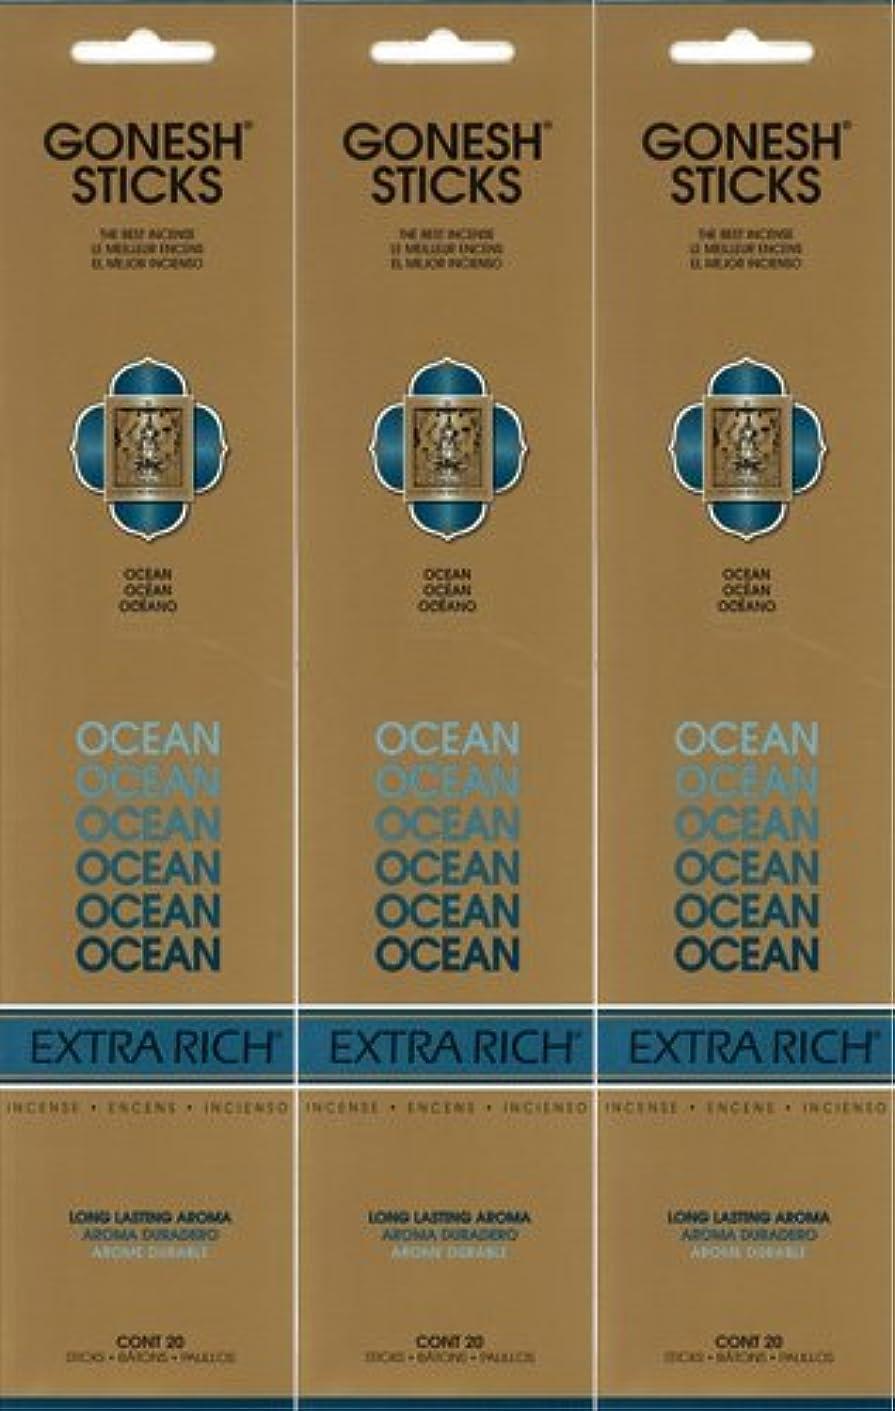 発見エレクトロニック統合GONESH ガーネッシュ OCEAN オーシャン 20本入り X 3パック(60本)